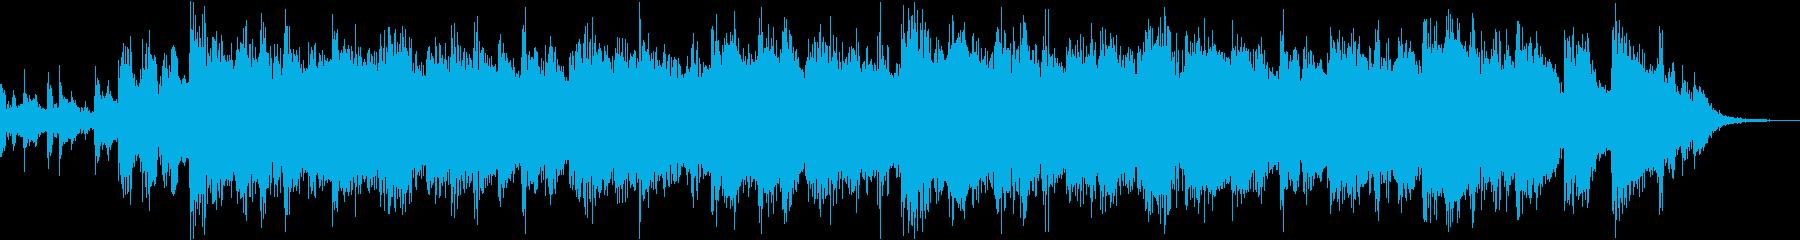 陽気なカントリーフィドルCM軽快疾走感hの再生済みの波形